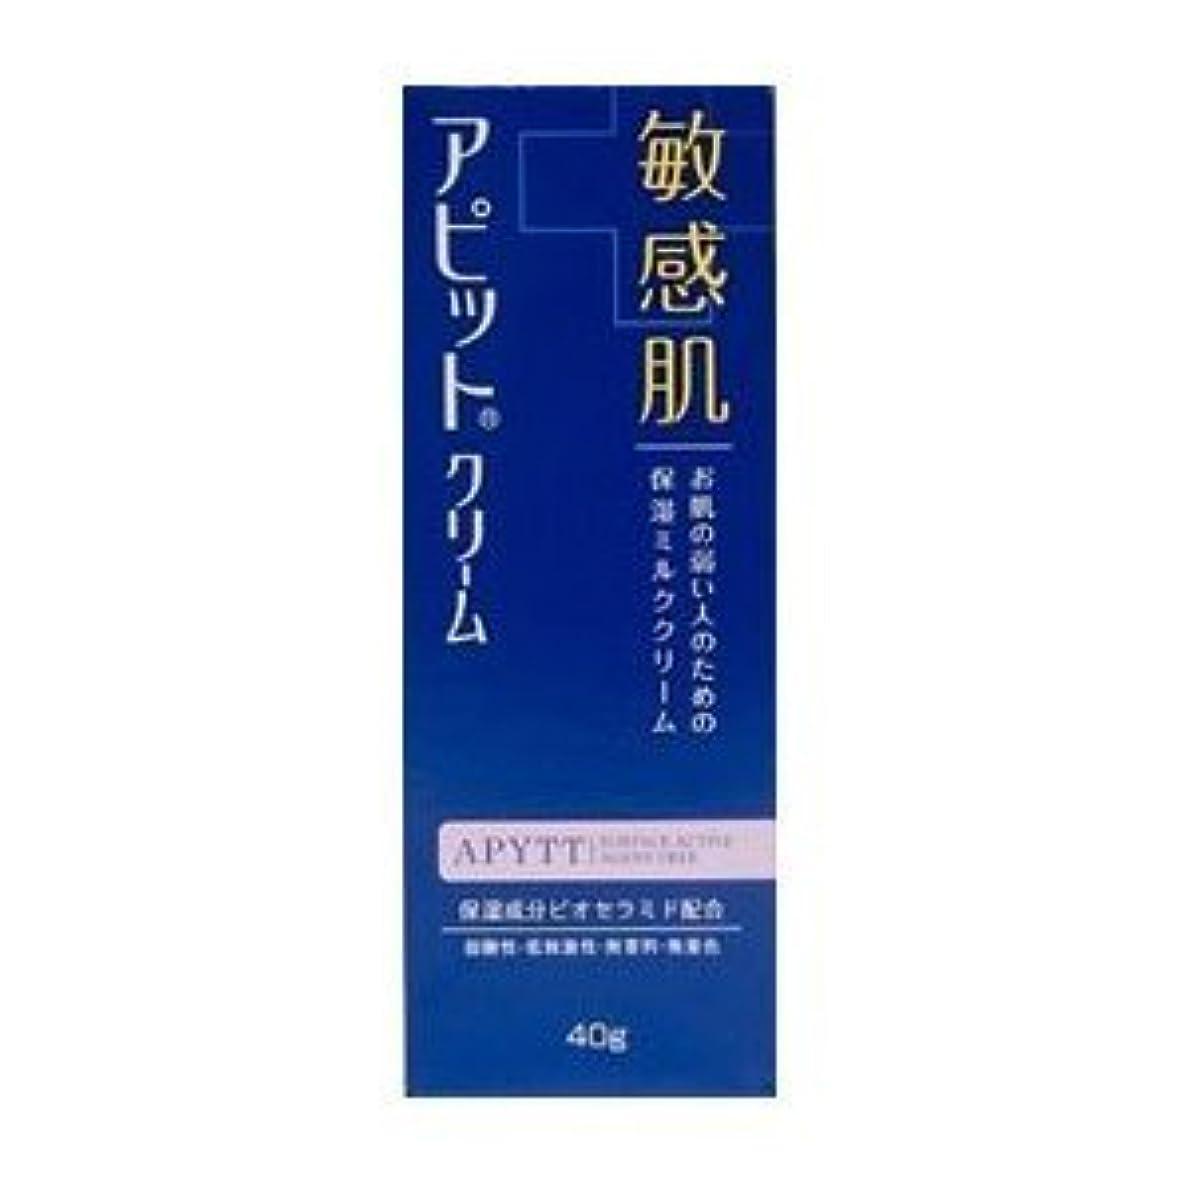 全薬工業 アピットクリーム 40g×3個セット (医薬部外品)